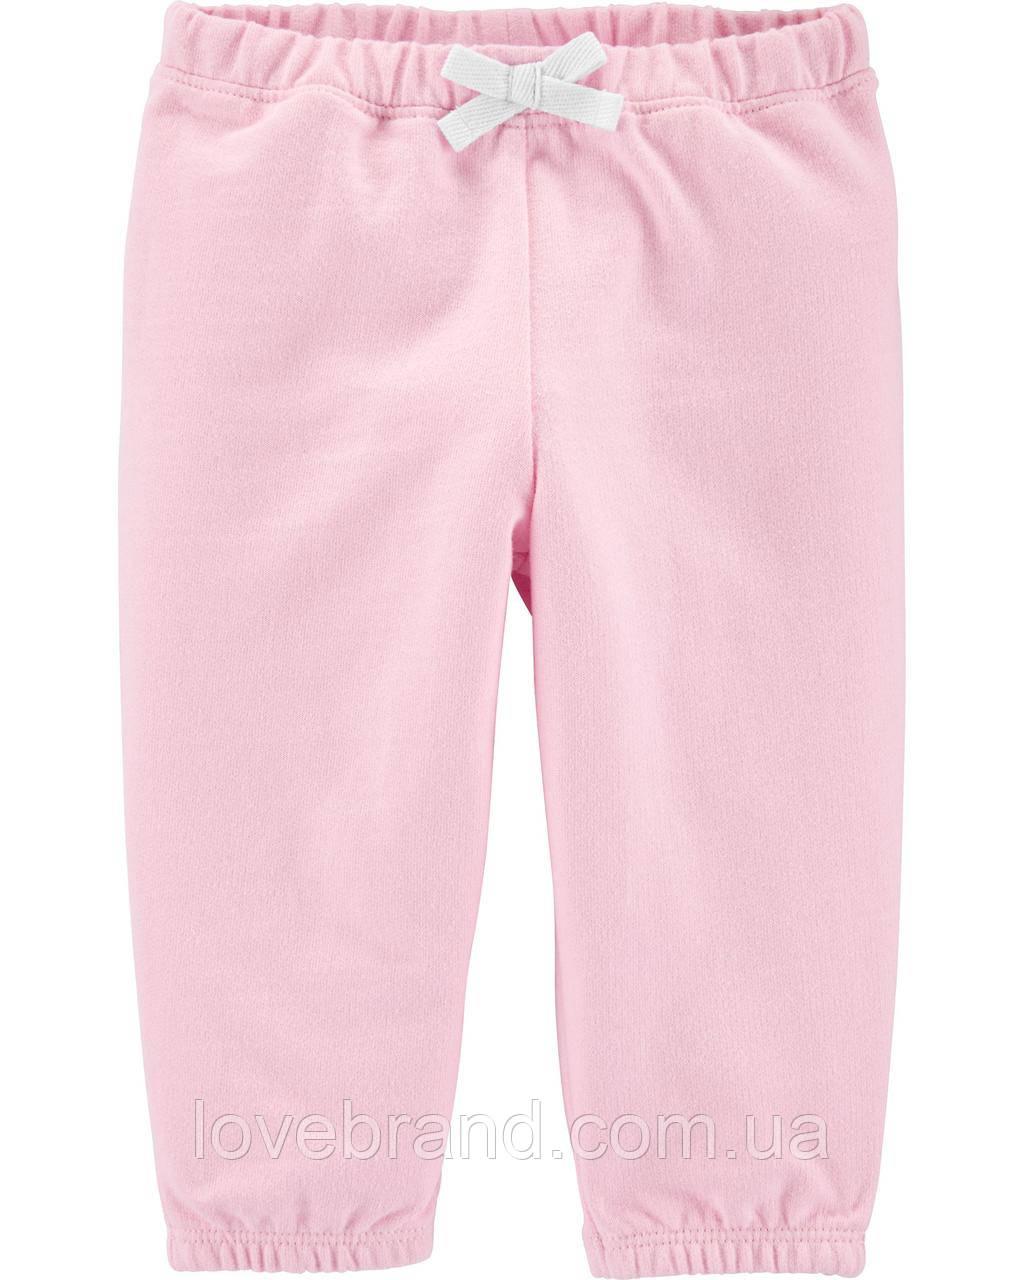 Cпортивные штаны для девочки Carter's розовые легкие